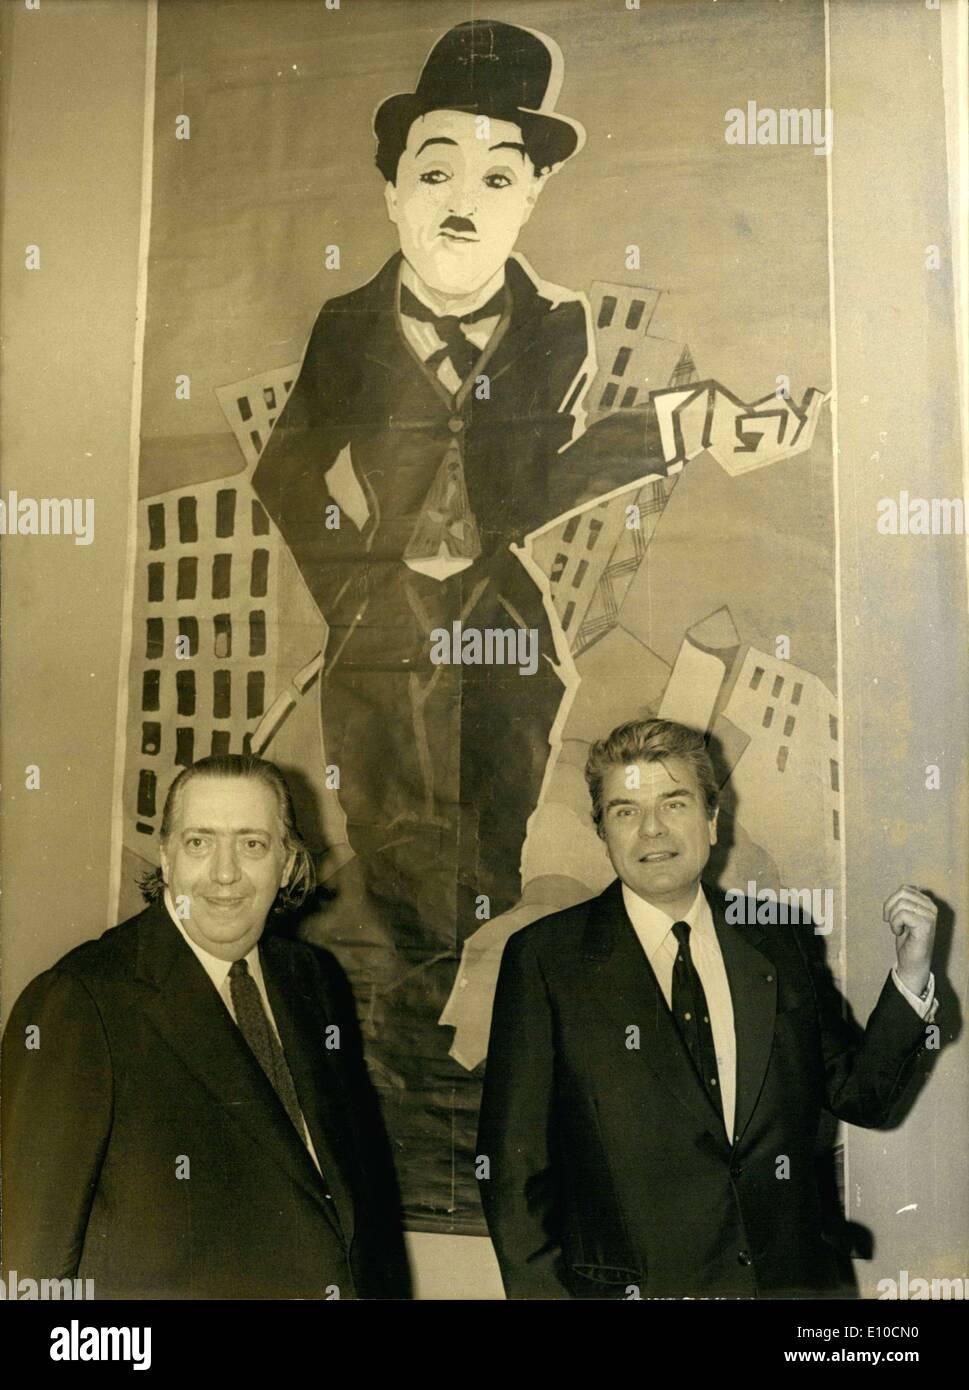 Jun 14, 1972 - La inauguración de la exposición ''Three-Quarters de un siglo de Film-Making'' tuvo lugar hoy con la presencia del Sr. Hubert de Villez, Presidente del Instituto del cine francés, Sr. Henri Langlois, director, y el Sr. Jacques Duhamel, Ministro de Asuntos Culturales. El Sr. Henri Langlois (izquierda) y por el Sr. Jacques Duhamel fueron fotografiados delante de un póster gigante de ''Charlot' Imagen De Stock